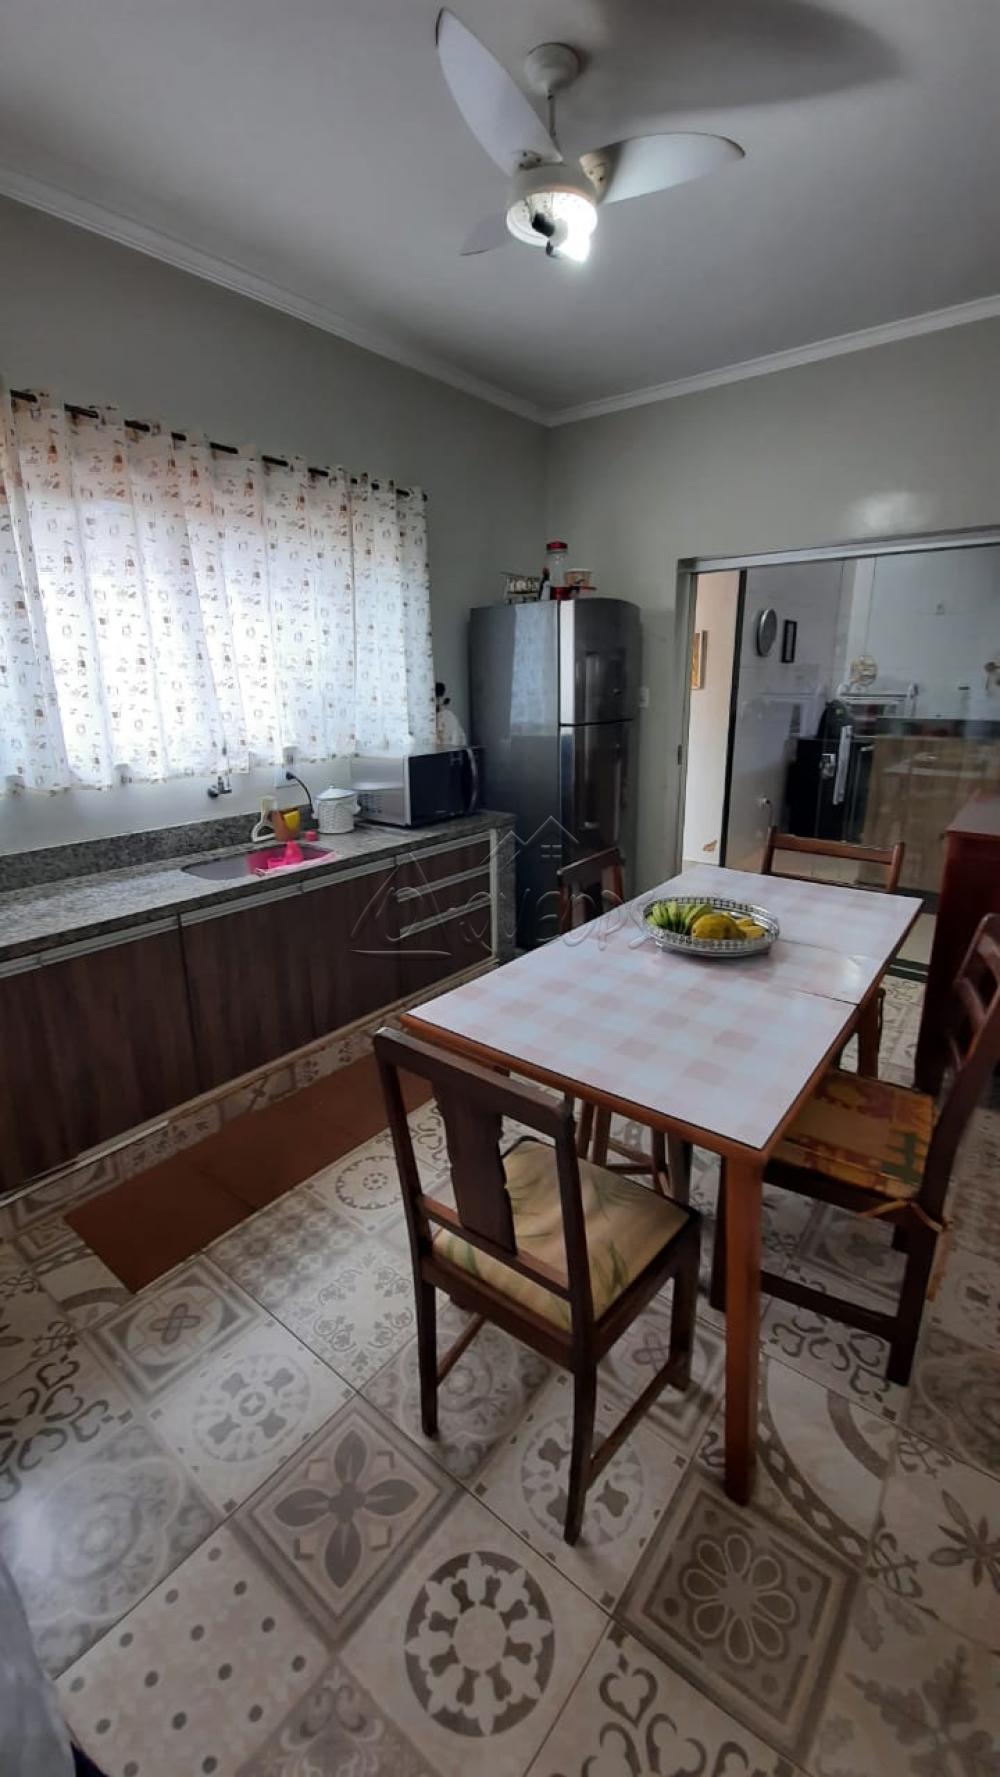 Comprar Casa / Padrão em Barretos apenas R$ 500.000,00 - Foto 16